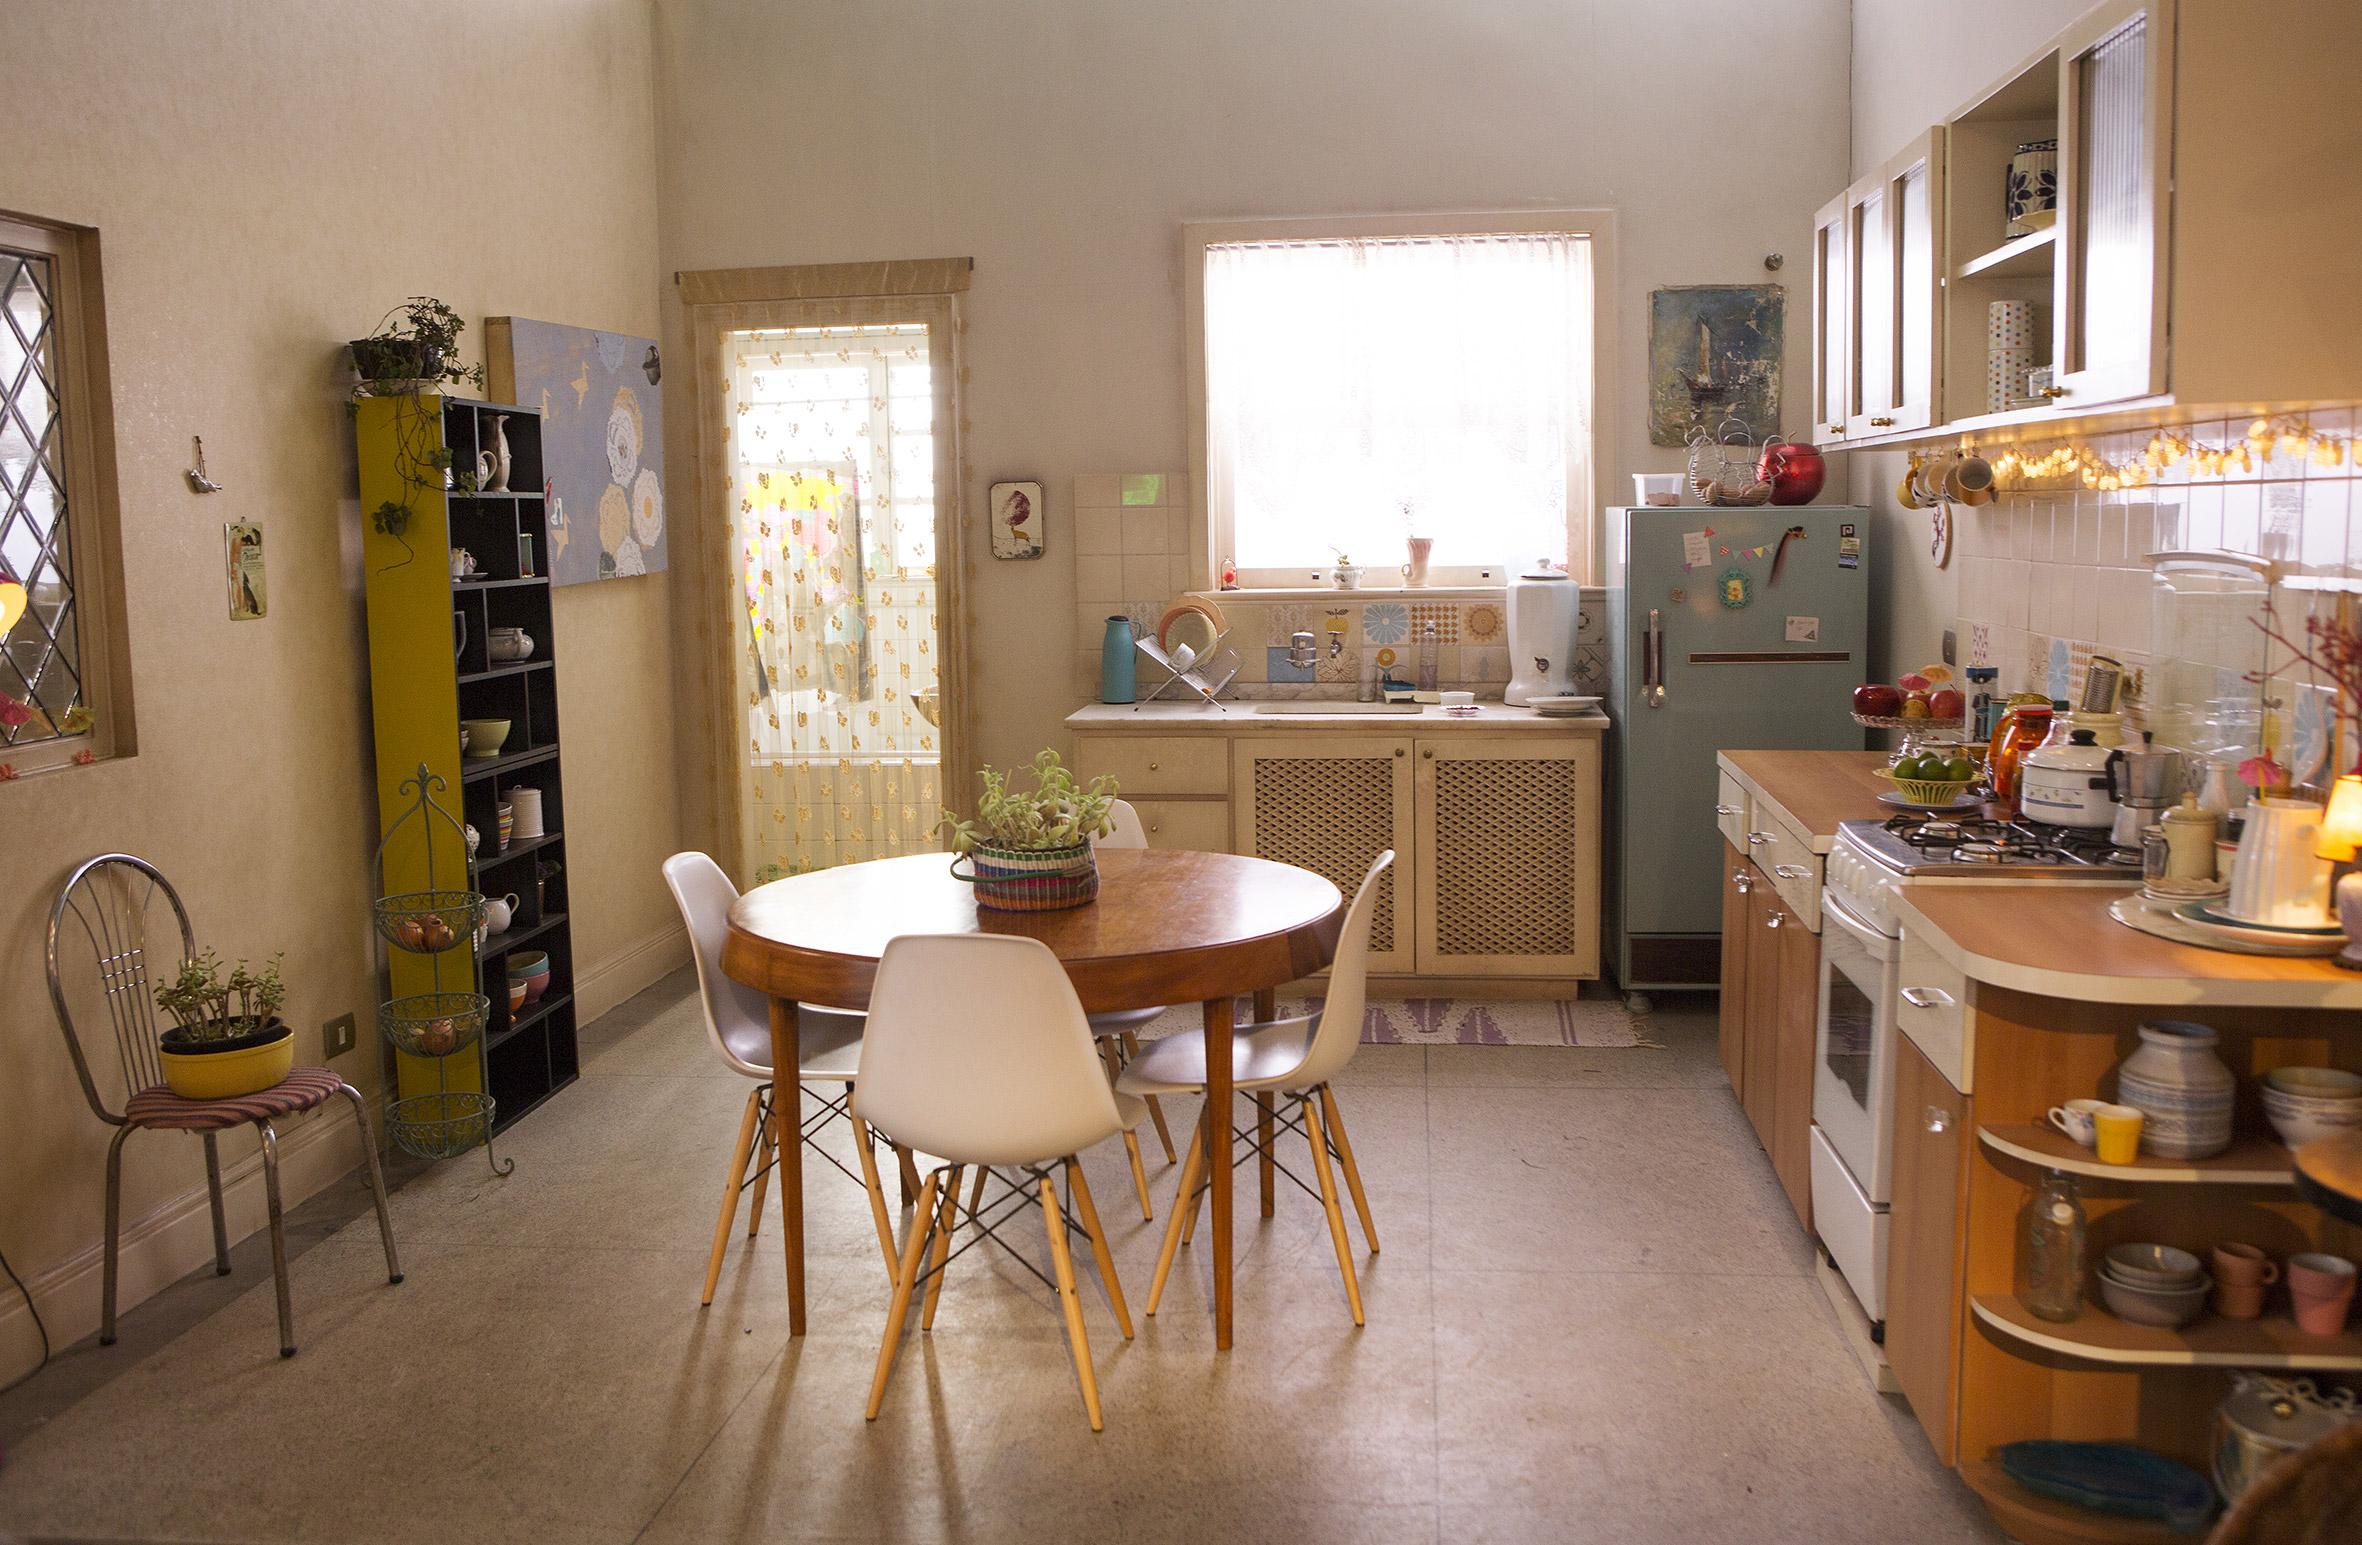 Decora O Retr Segue Em Alta E Deixa A Cozinha Ainda Mais Charmosa